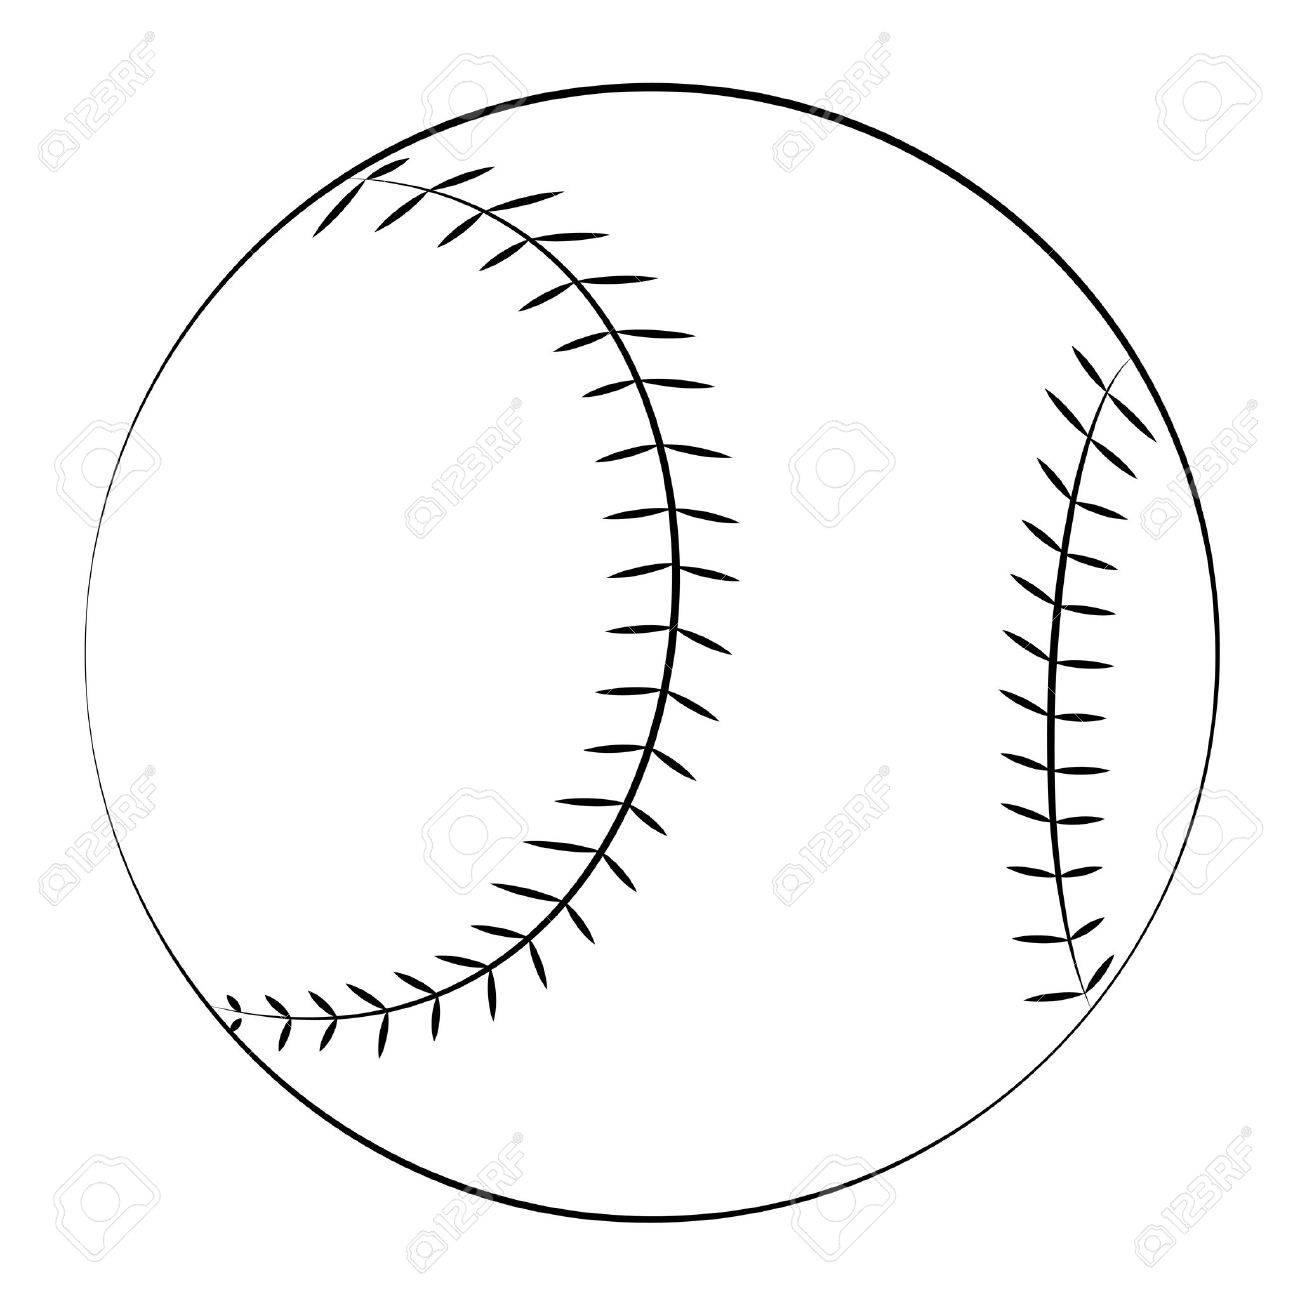 black outline vector baseball on white background royalty free